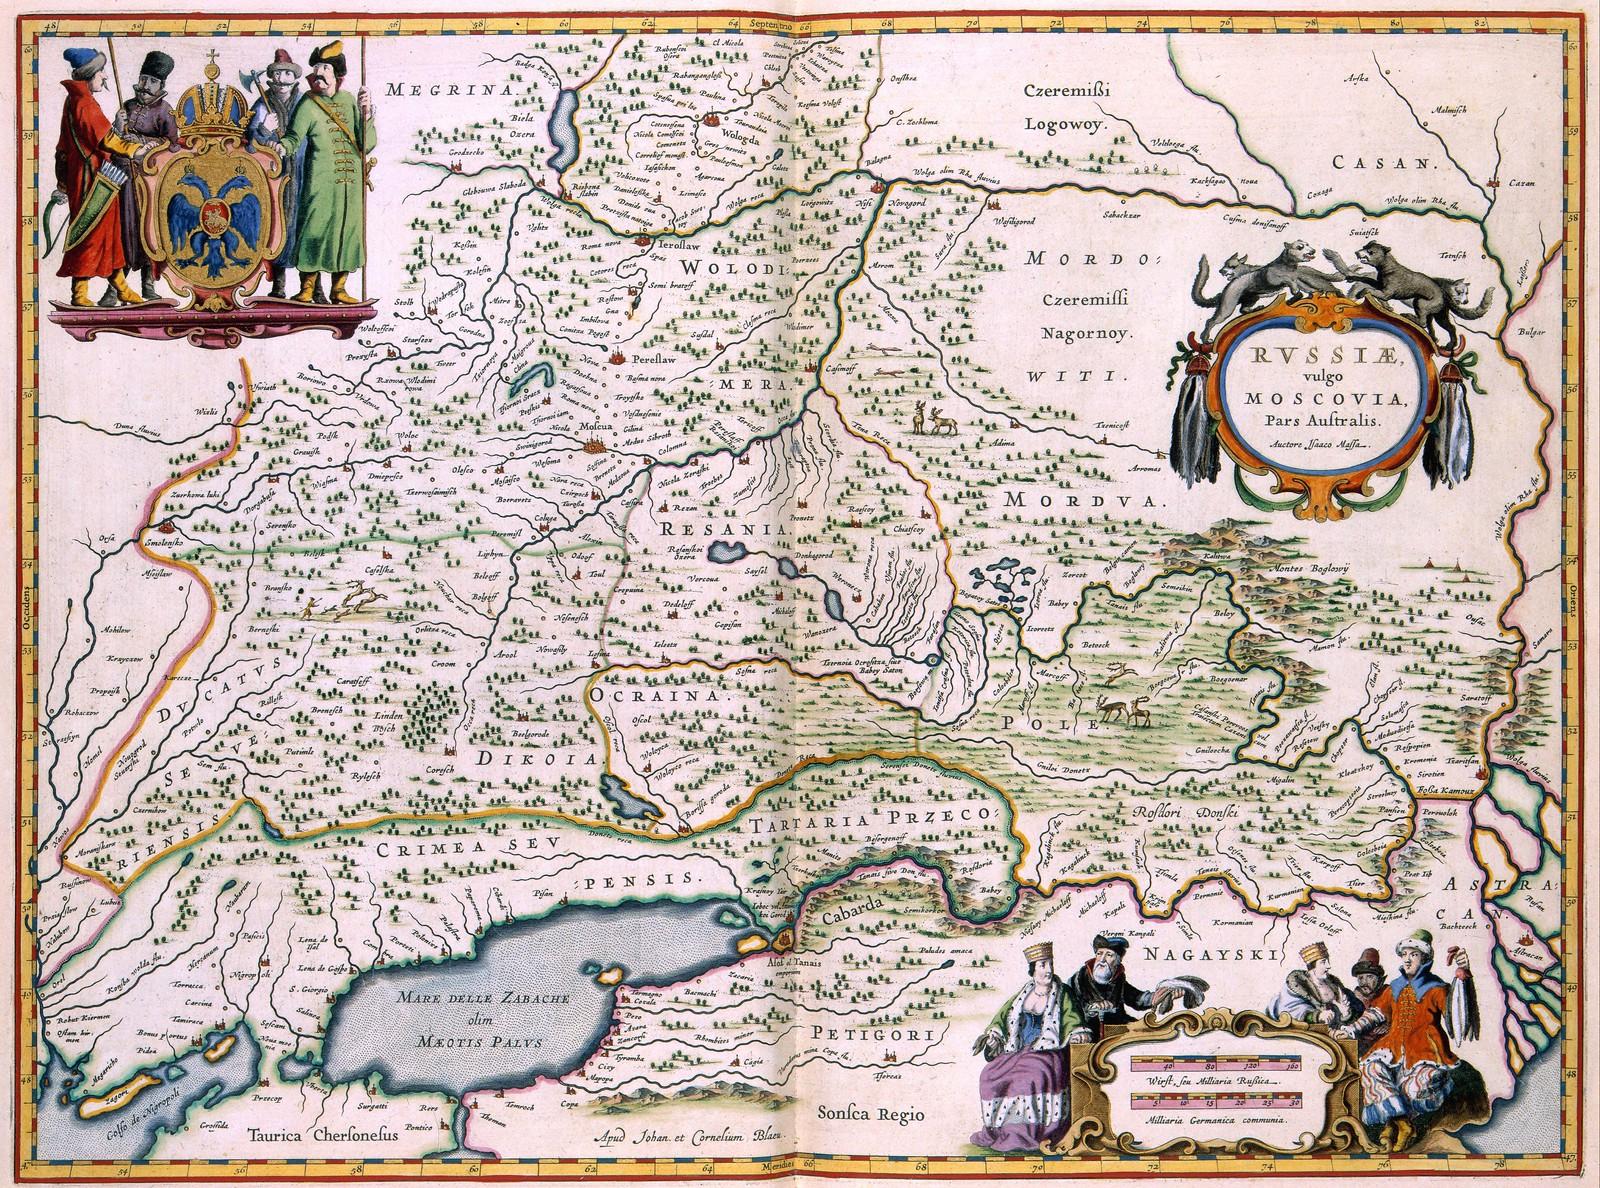 1638.  Россия, обычно Московия, часть юга, север и восток, запад. Амстердам